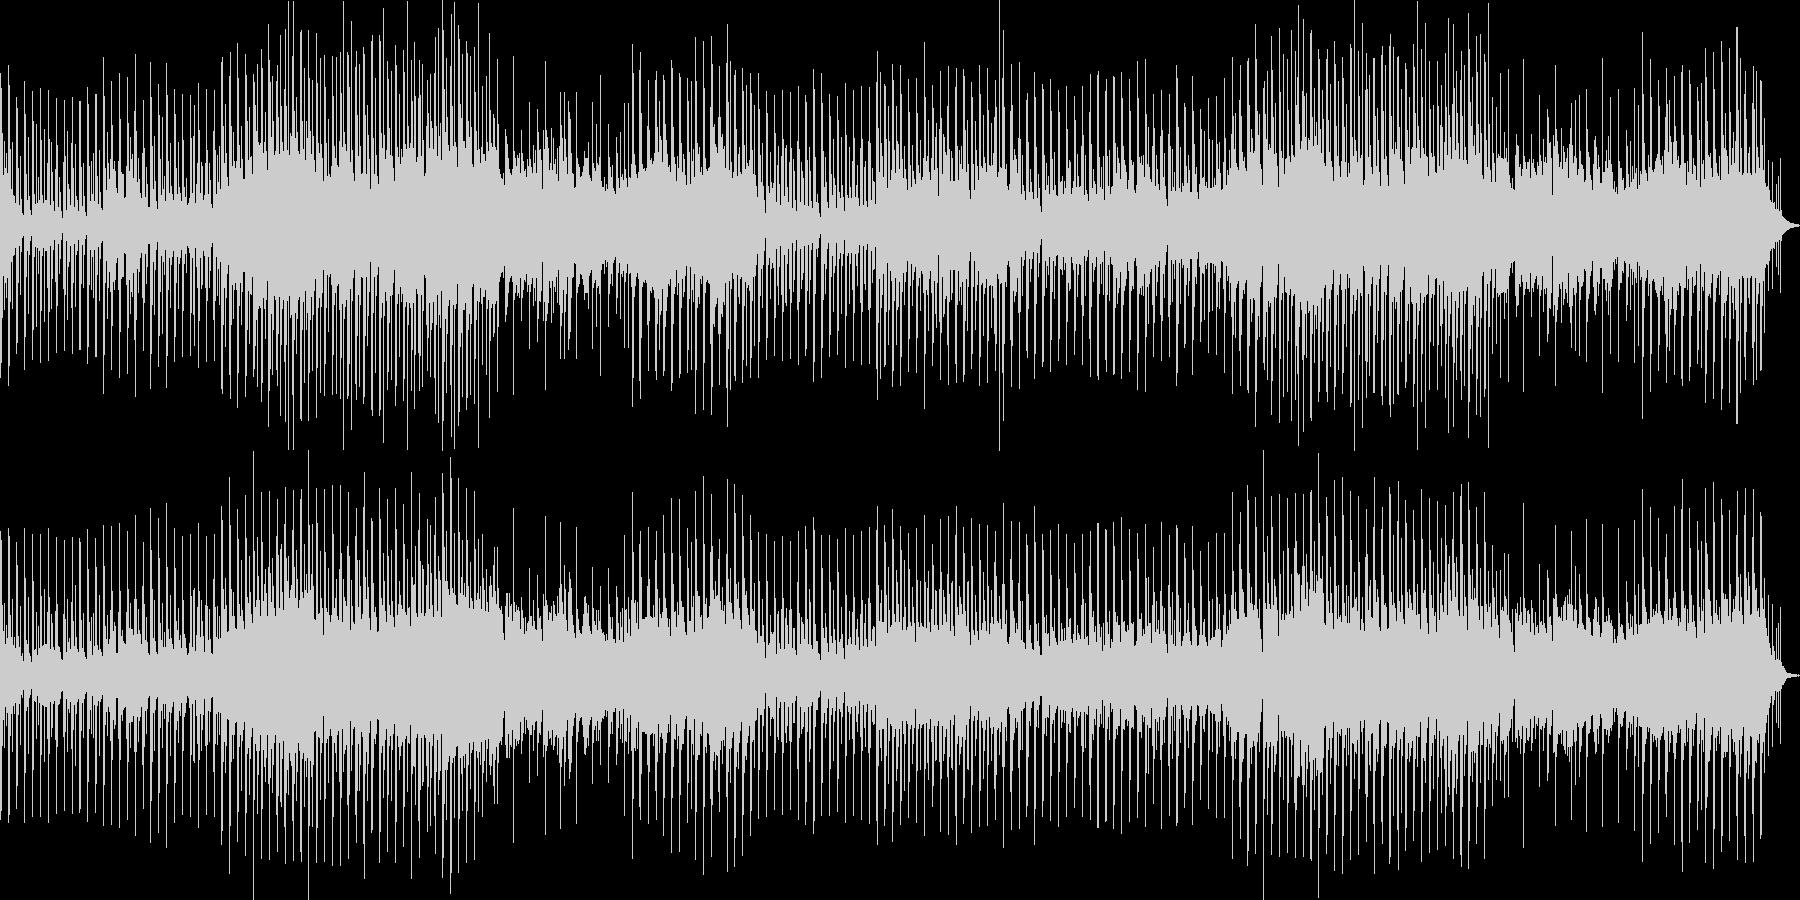 三味線の曲の未再生の波形